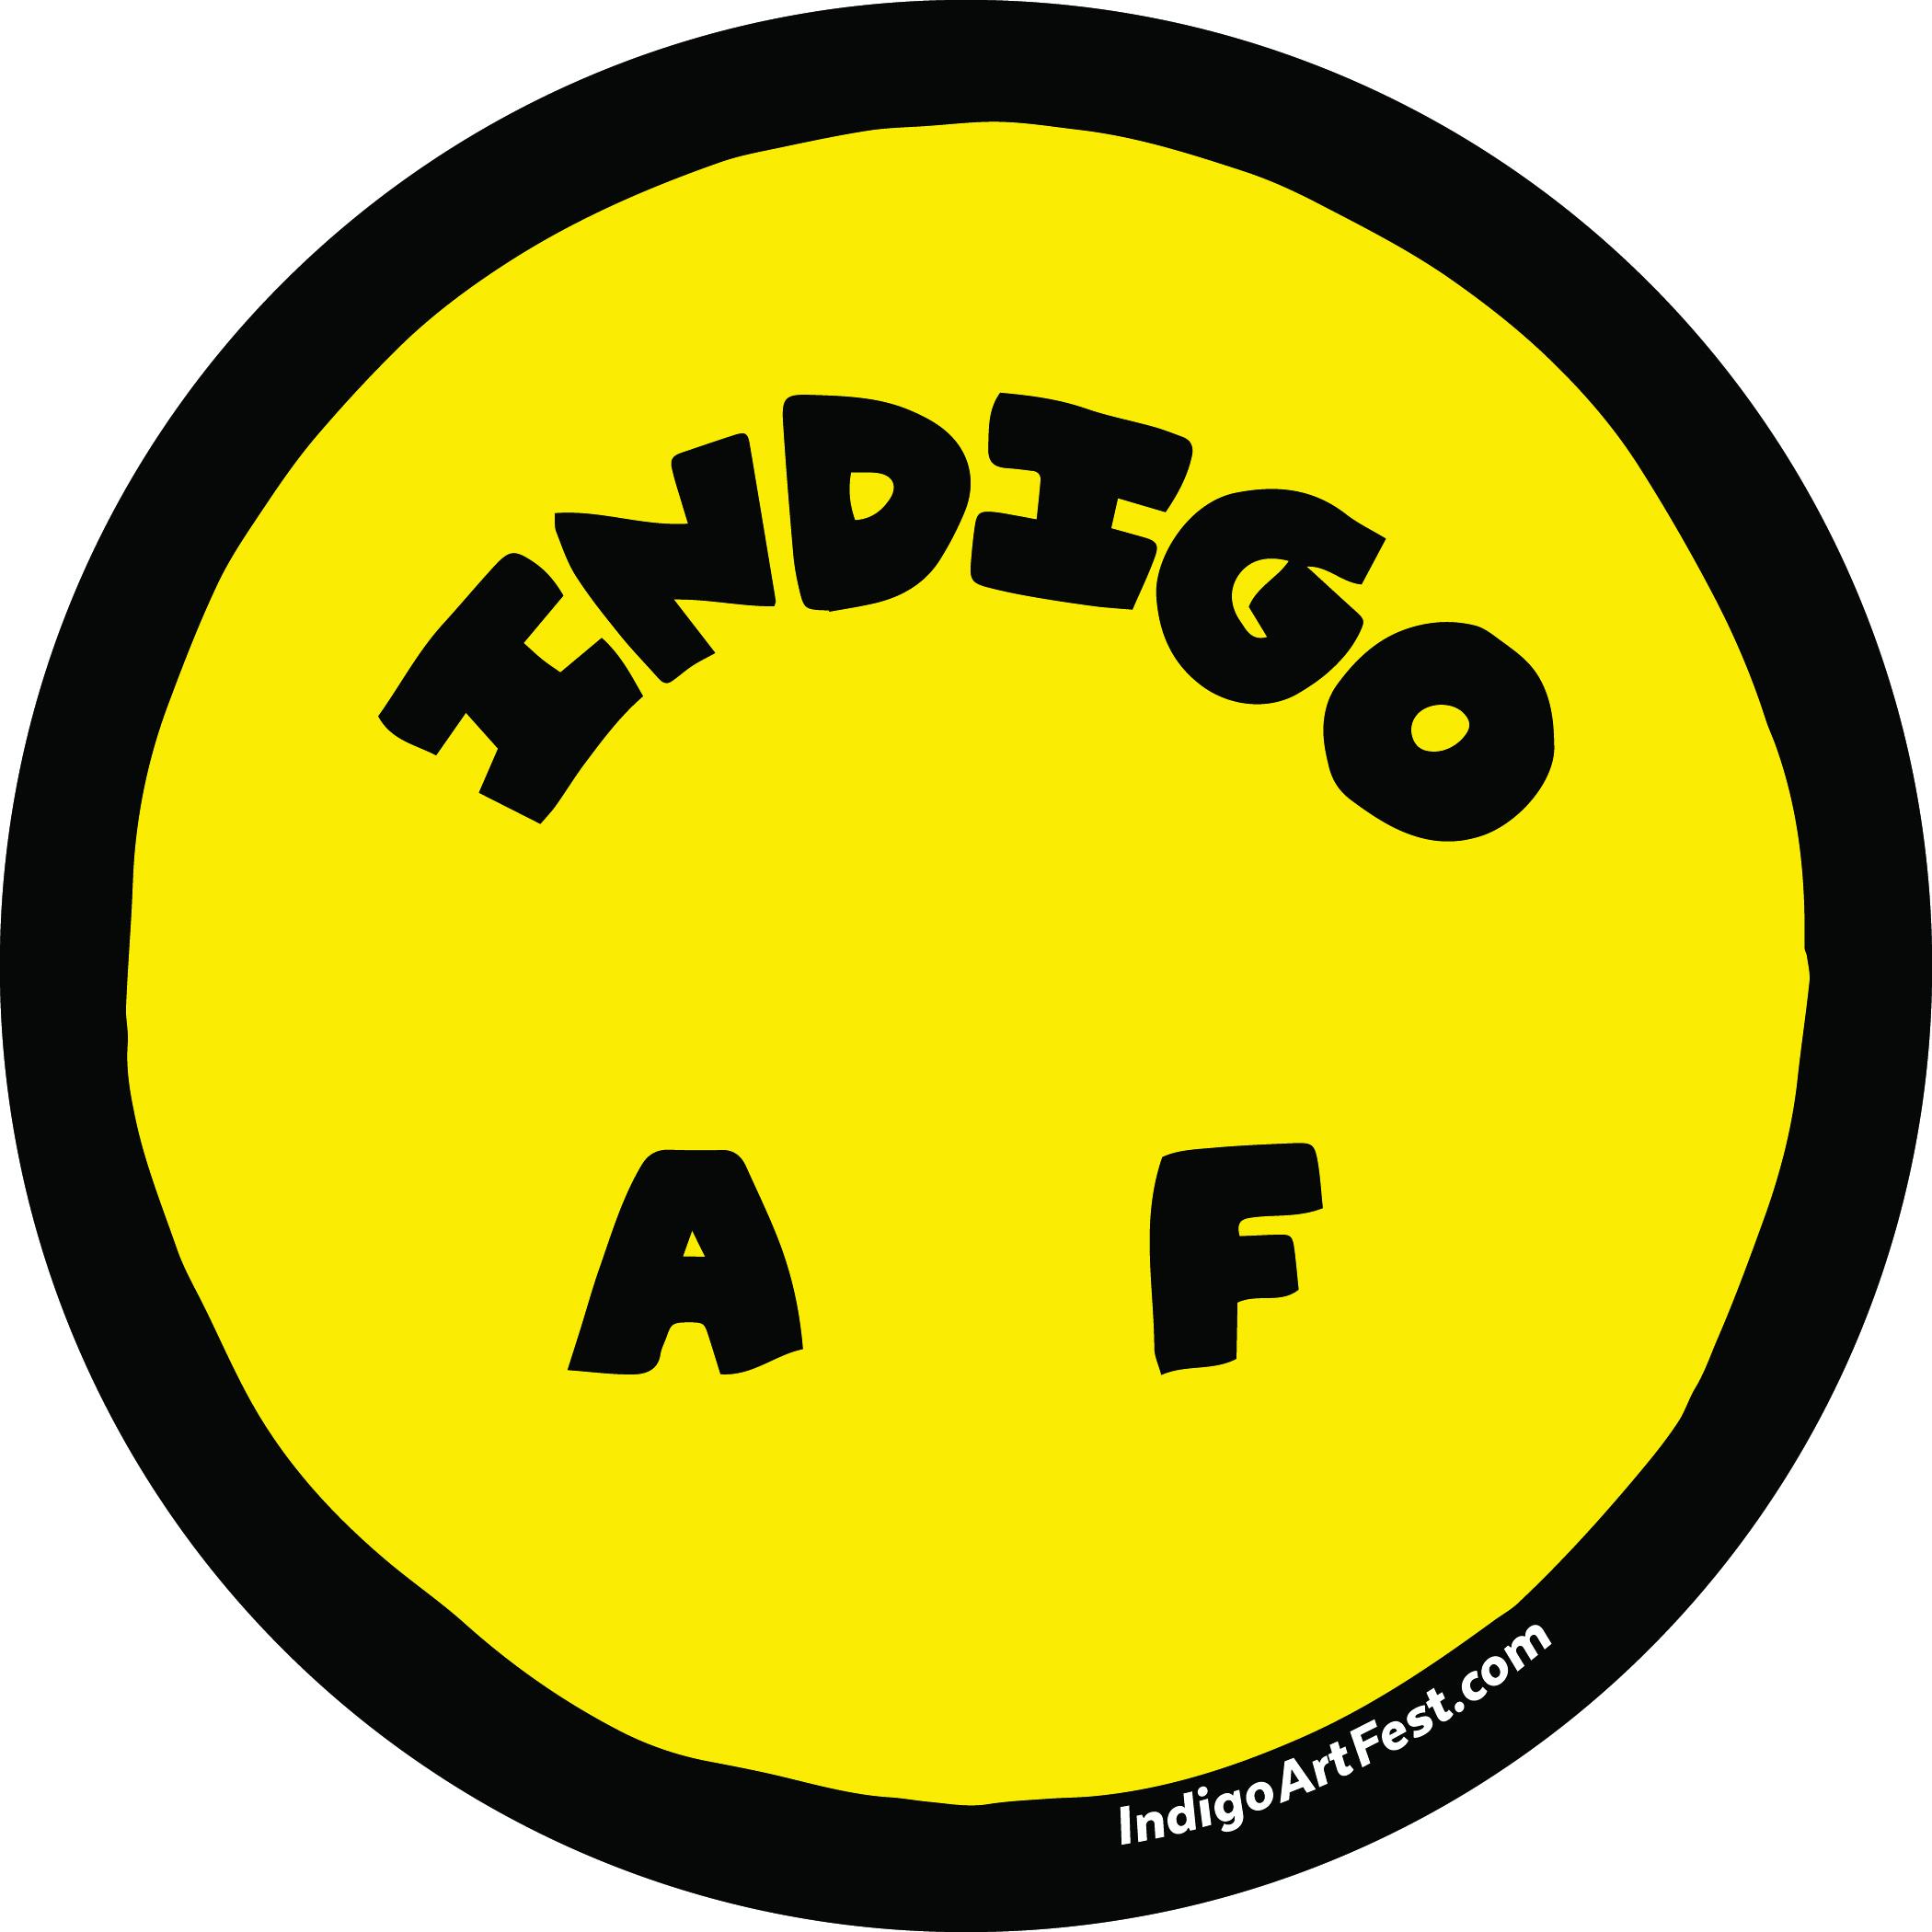 Indigo AF smiley-01.jpg